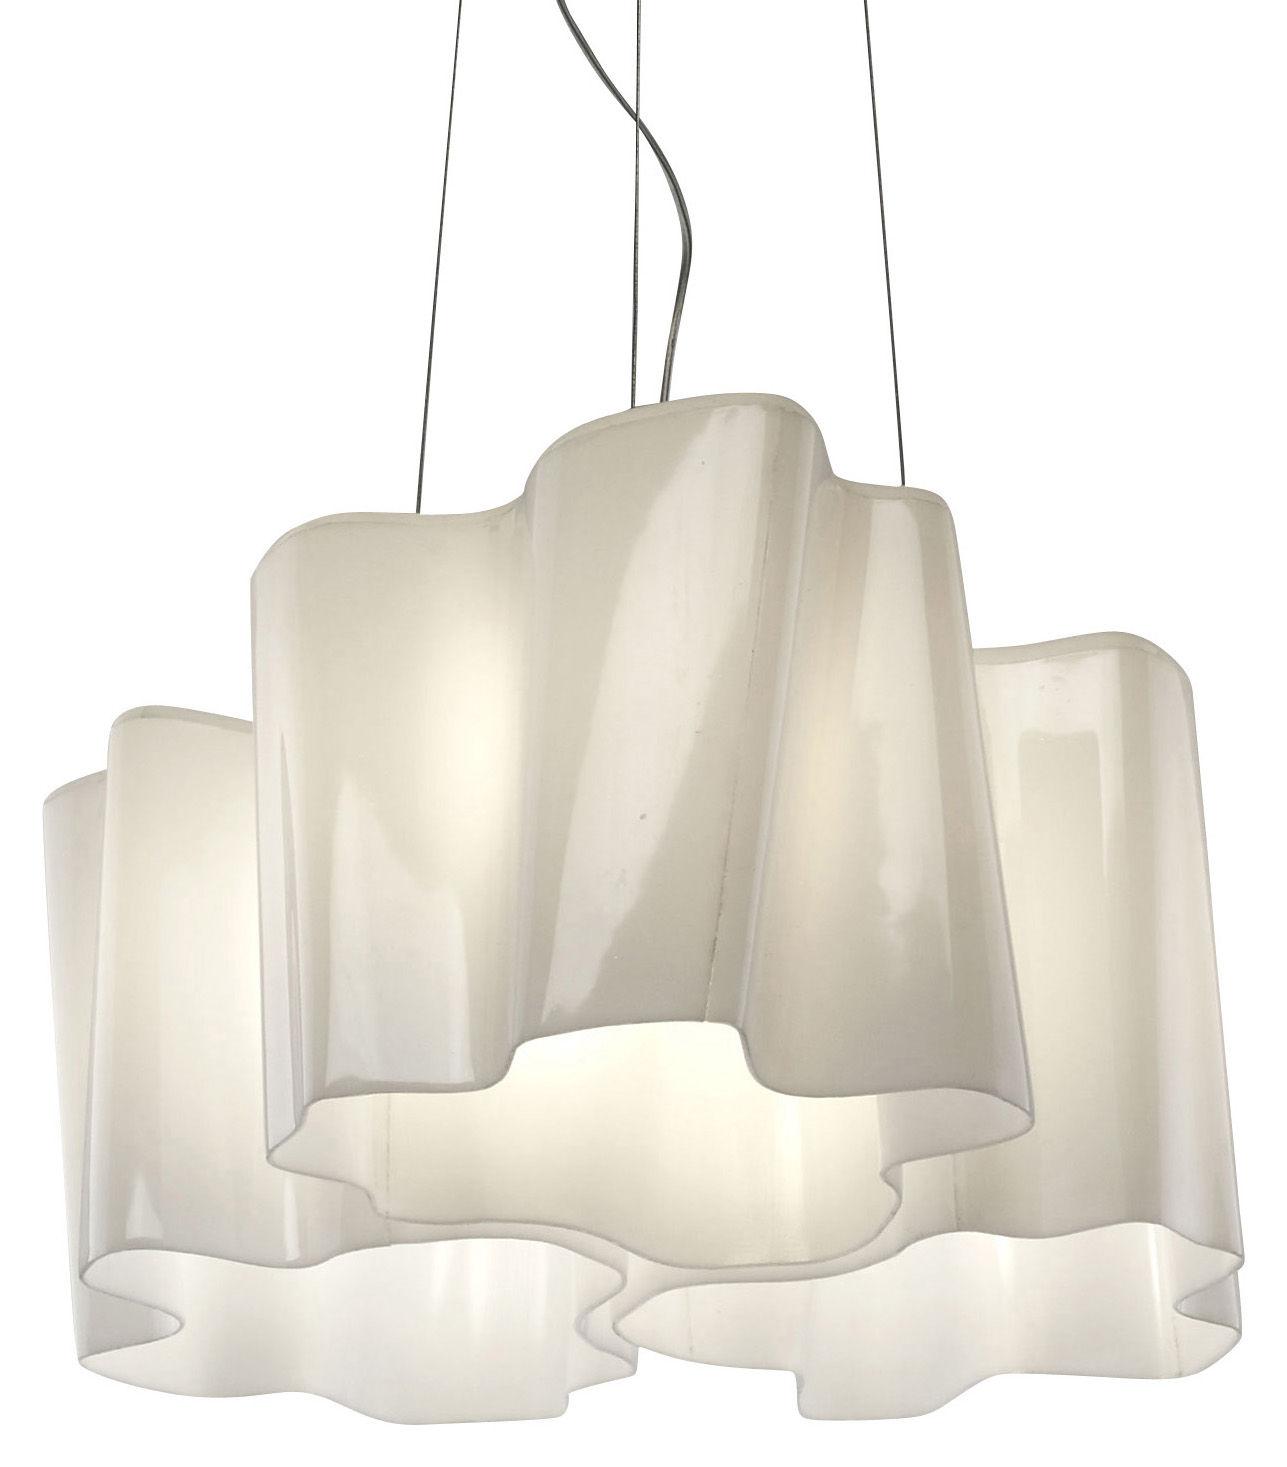 Luminaire - Suspensions - Suspension Logico Mini 3 éléments x120° - Artemide - Blanc - mini - Verre soufflé